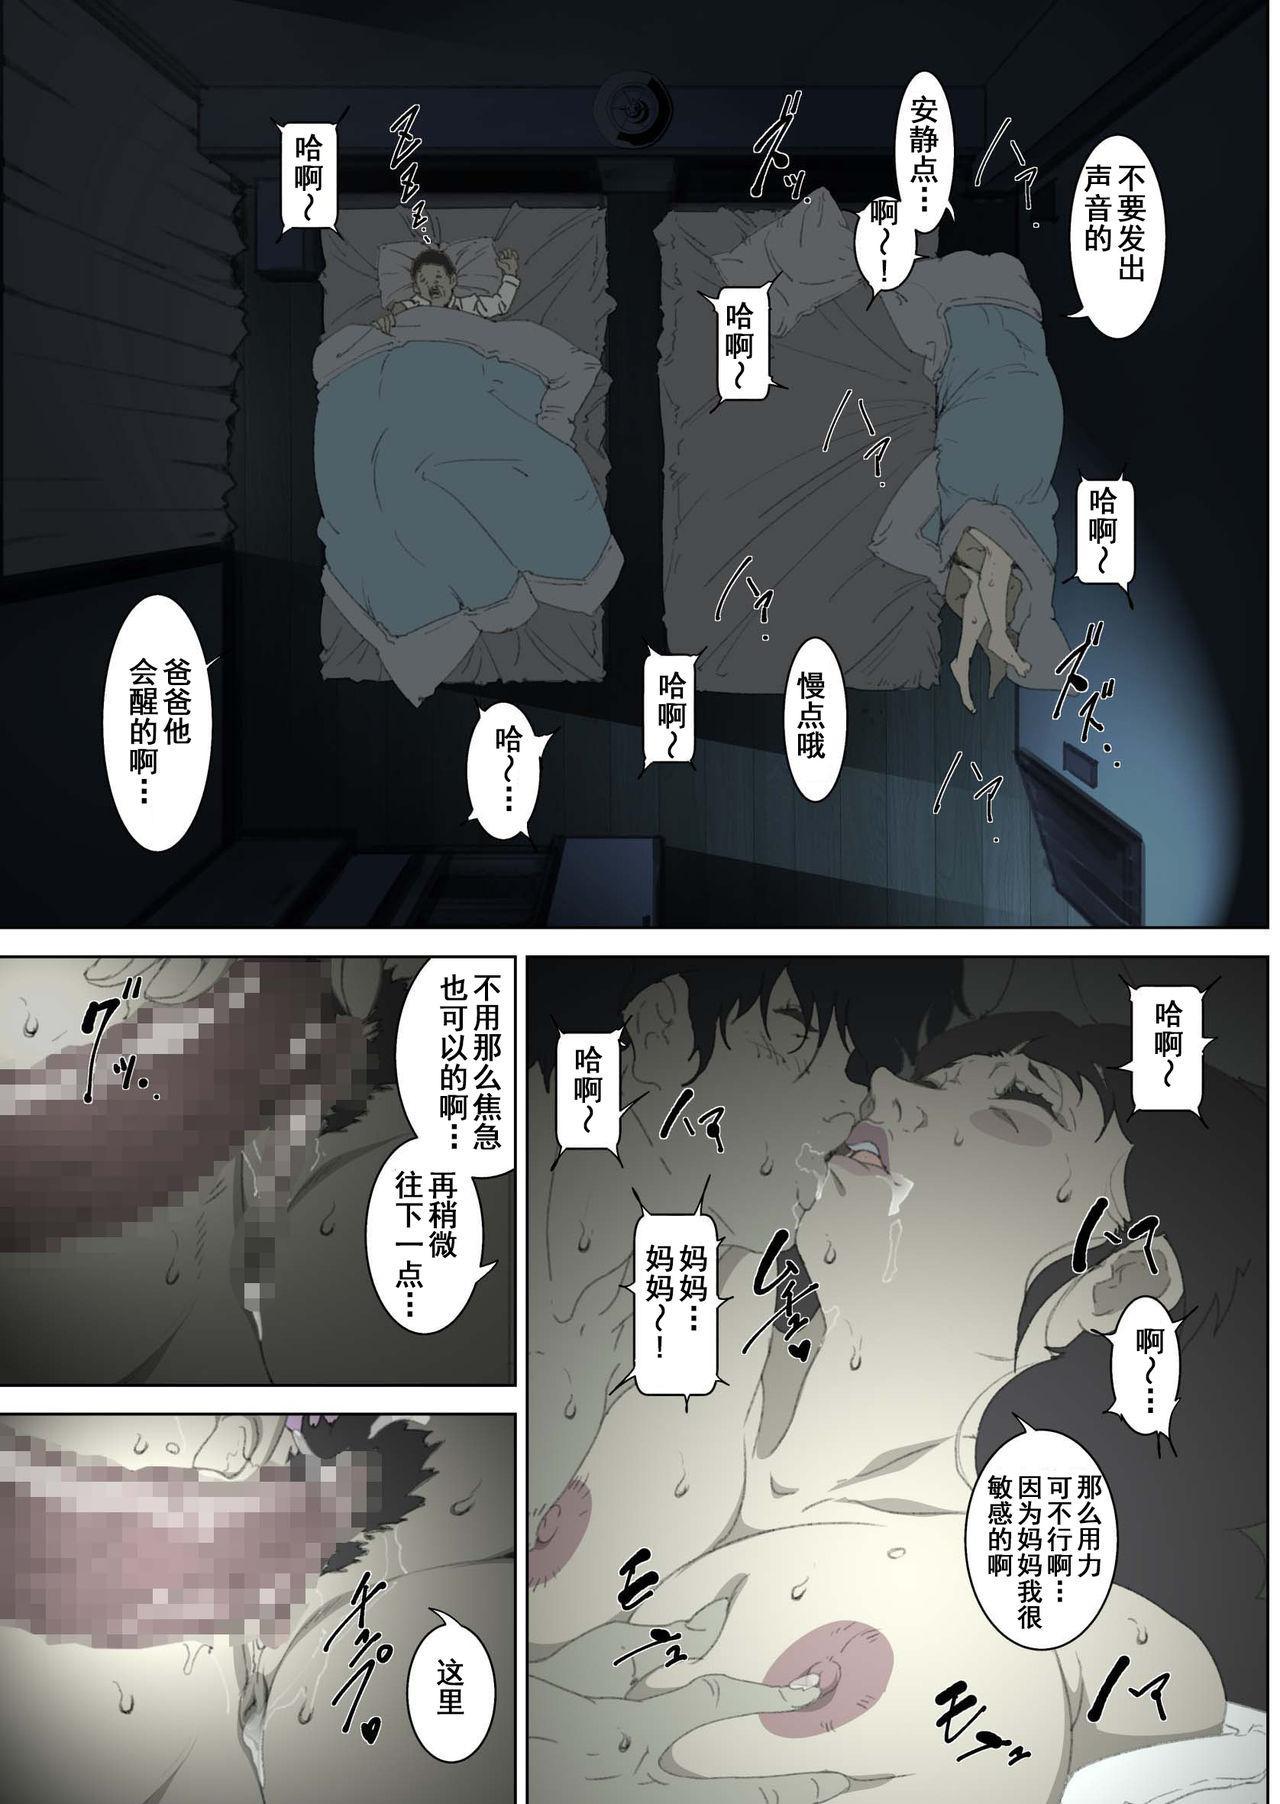 Ryoushin ga Neteiru Shinshitsu ni Shinobikomi, Hahaoya ni Yobai o Kakeru Musuko no Hanashi. 28